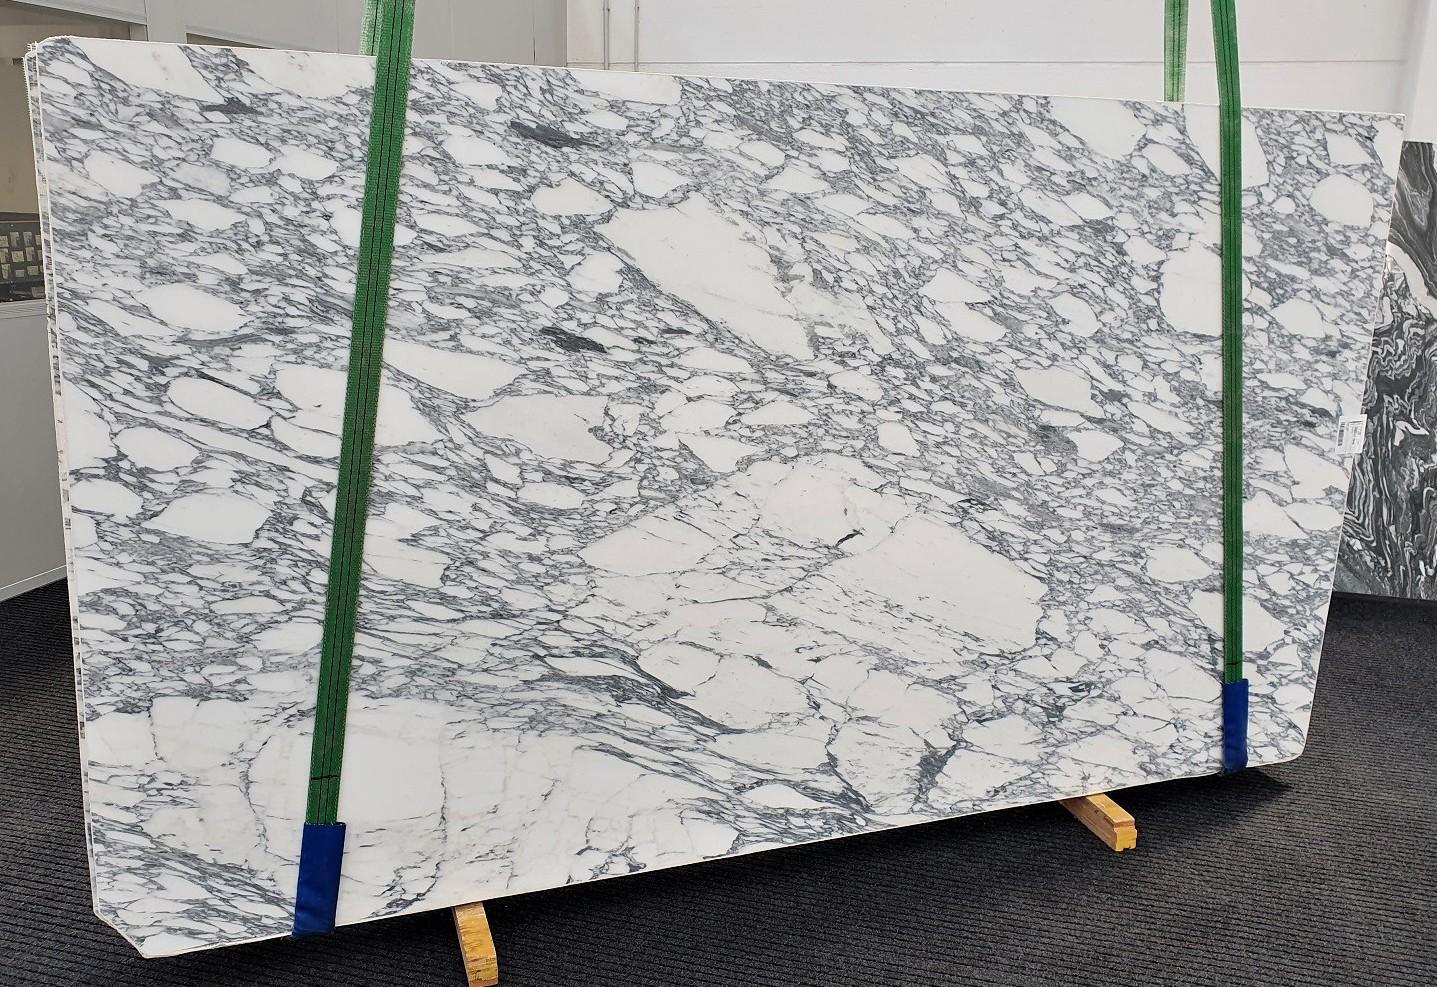 ARABESCATO CORCHIA geschliffene Unmaßplatten 1420 aus Natur Marmor , Slab #09: Lieferung Veneto, Italien